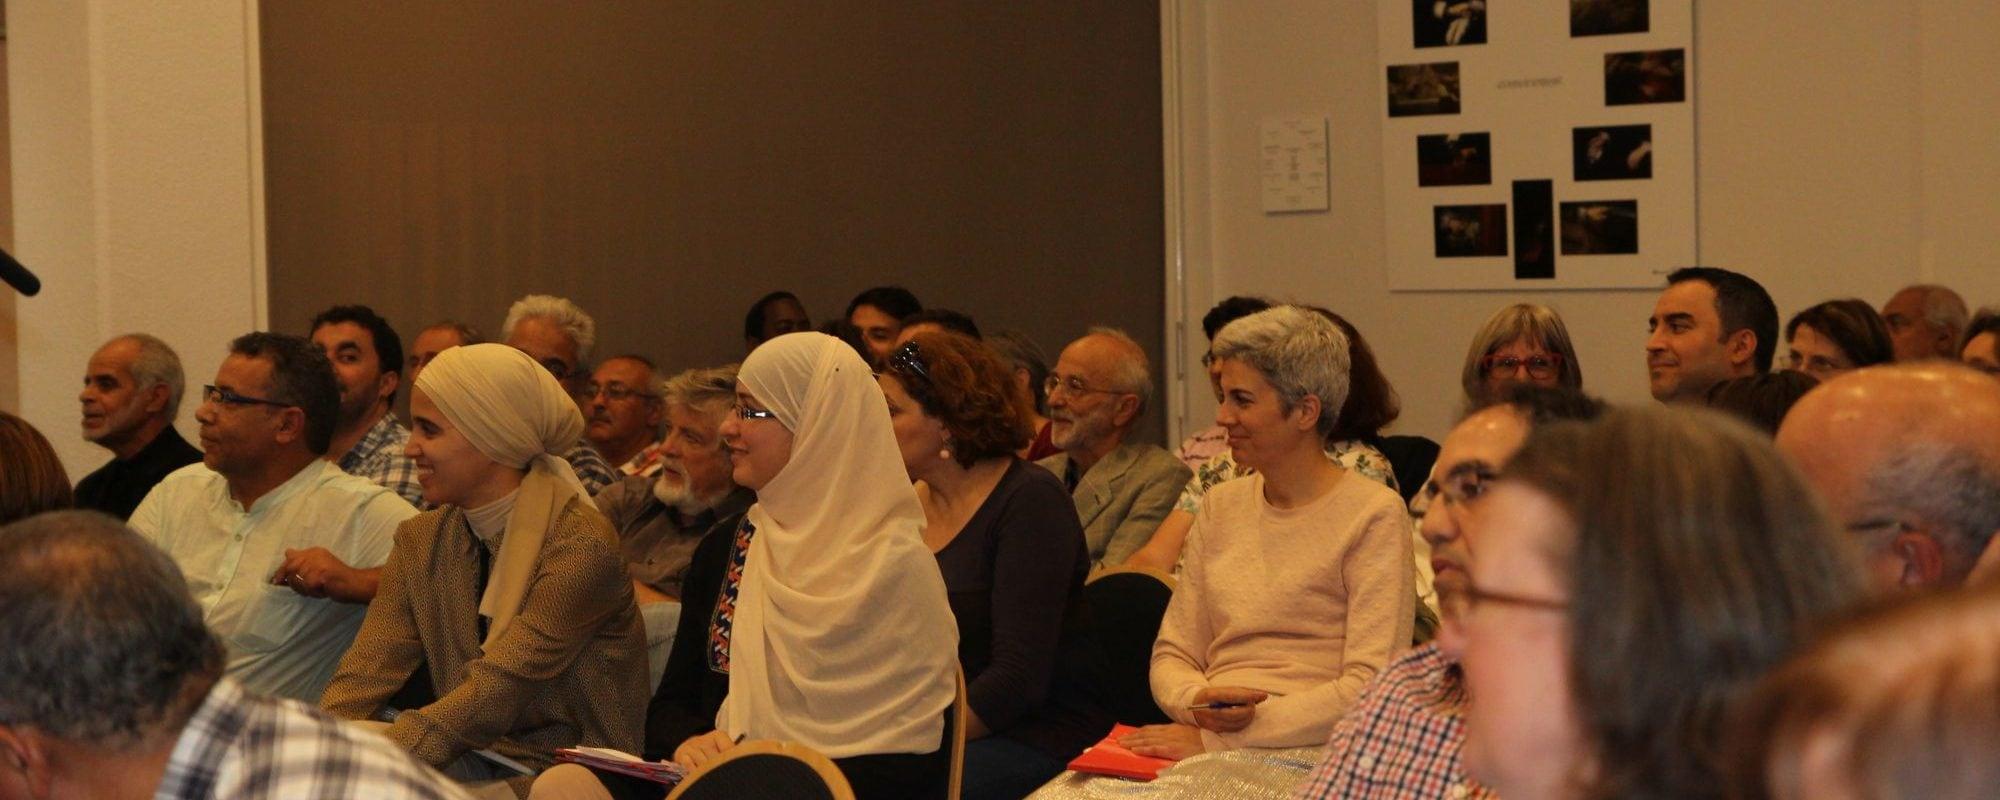 Faut-il réformer l'islam? A Strasbourg, des musulmans lancent le débat